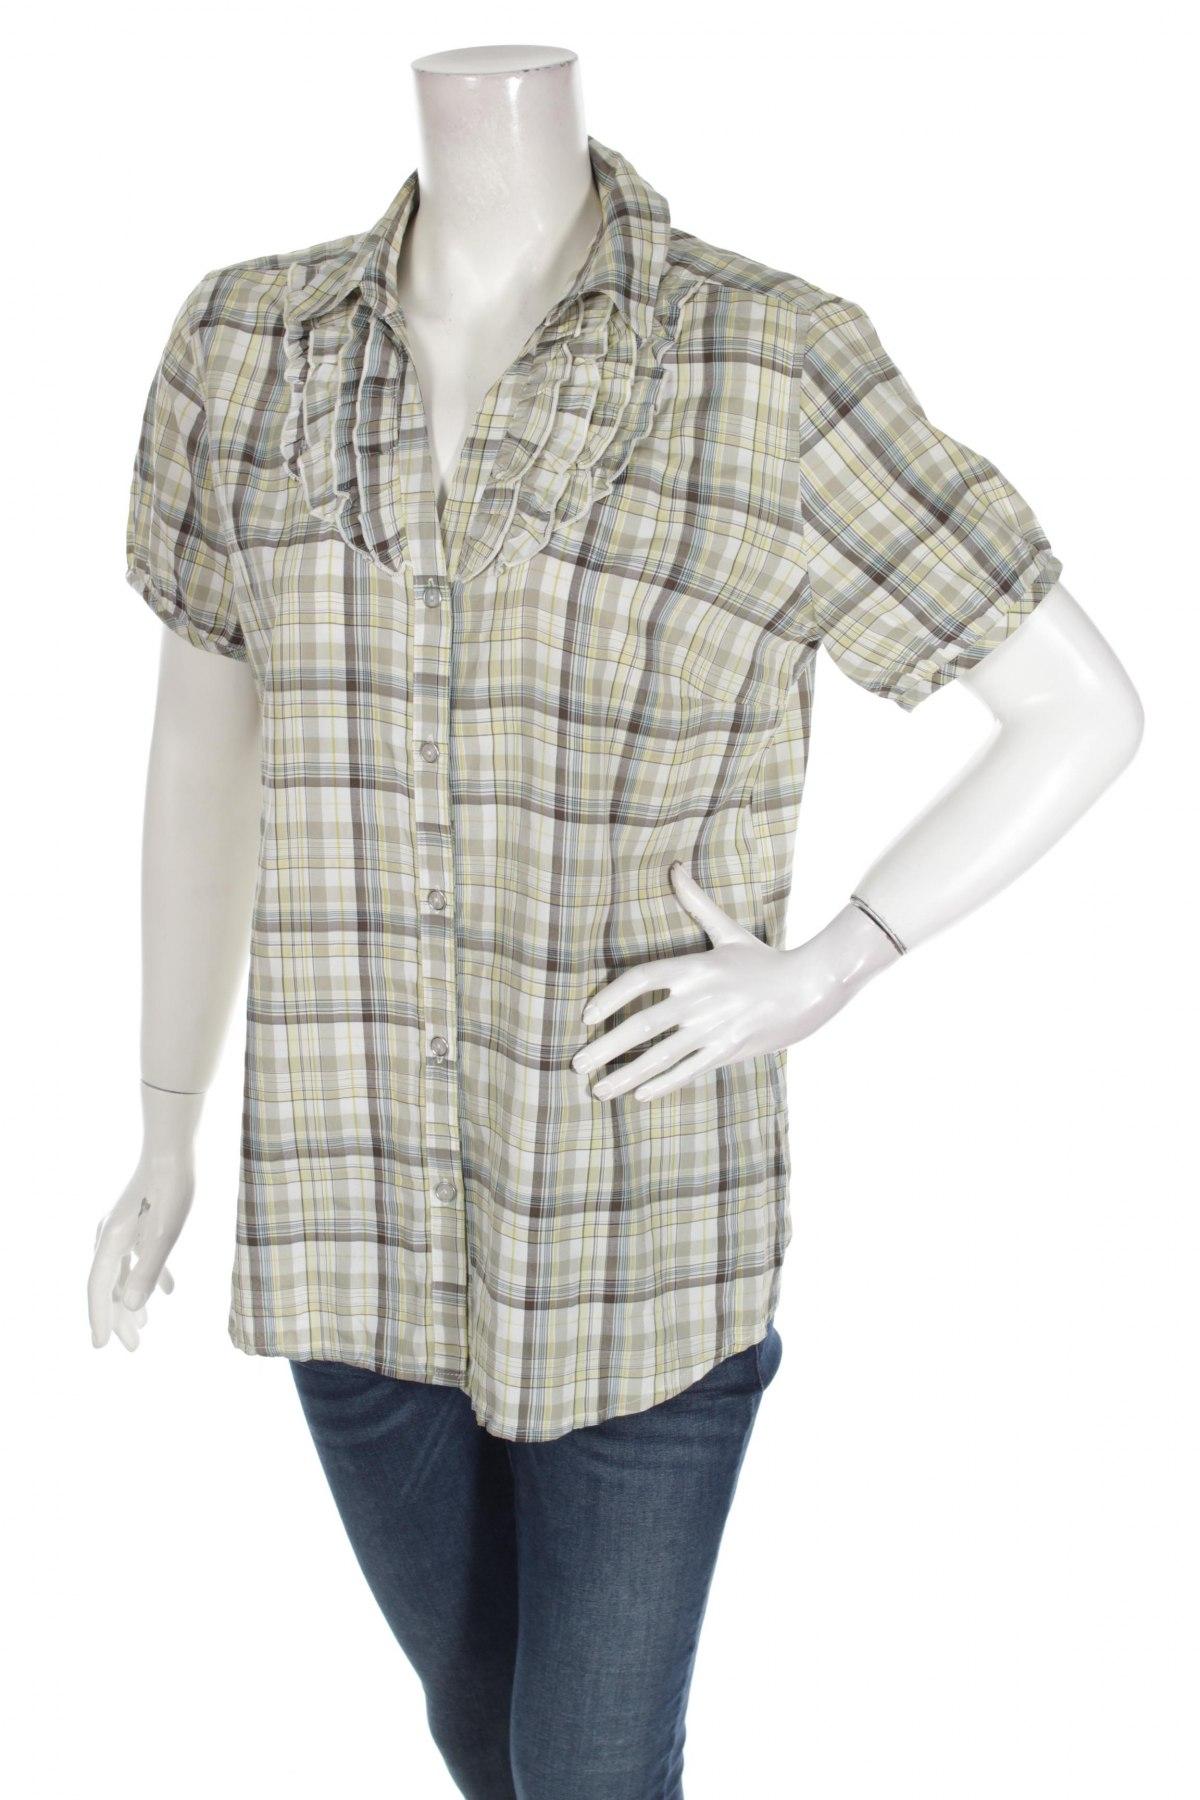 Γυναικείο πουκάμισο Laura Lardini, Μέγεθος L, Χρώμα Πολύχρωμο, 64% πολυεστέρας, 36% βισκόζη, Τιμή 10,52€